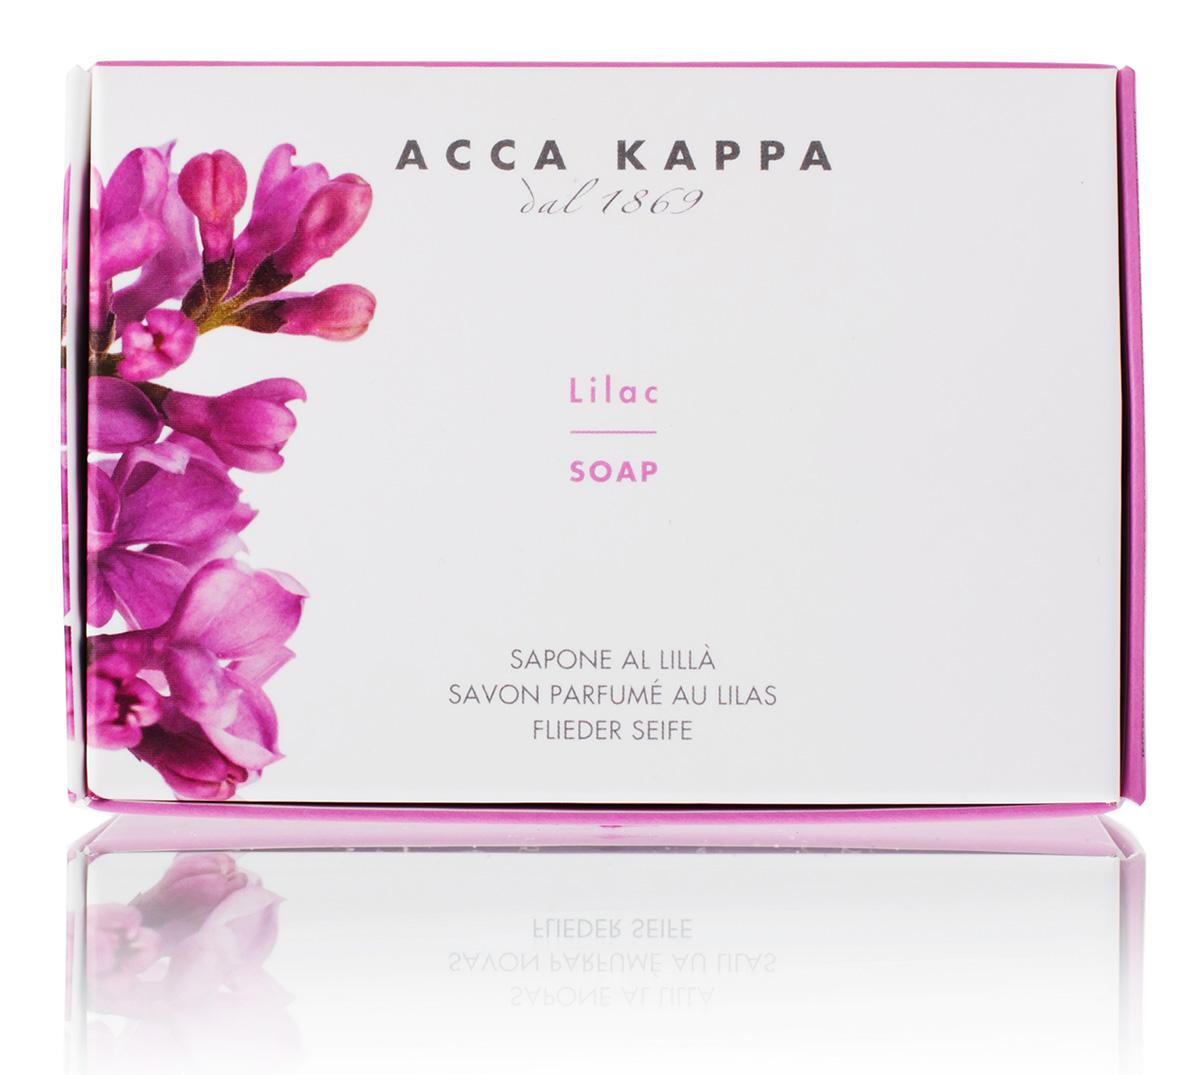 Acca Kappa Мыло туалетное Сирень 150 грFA-8116-1 White/pinkМыло создано с использованием традиционных методов из сырья исключительно растительного происхождения.